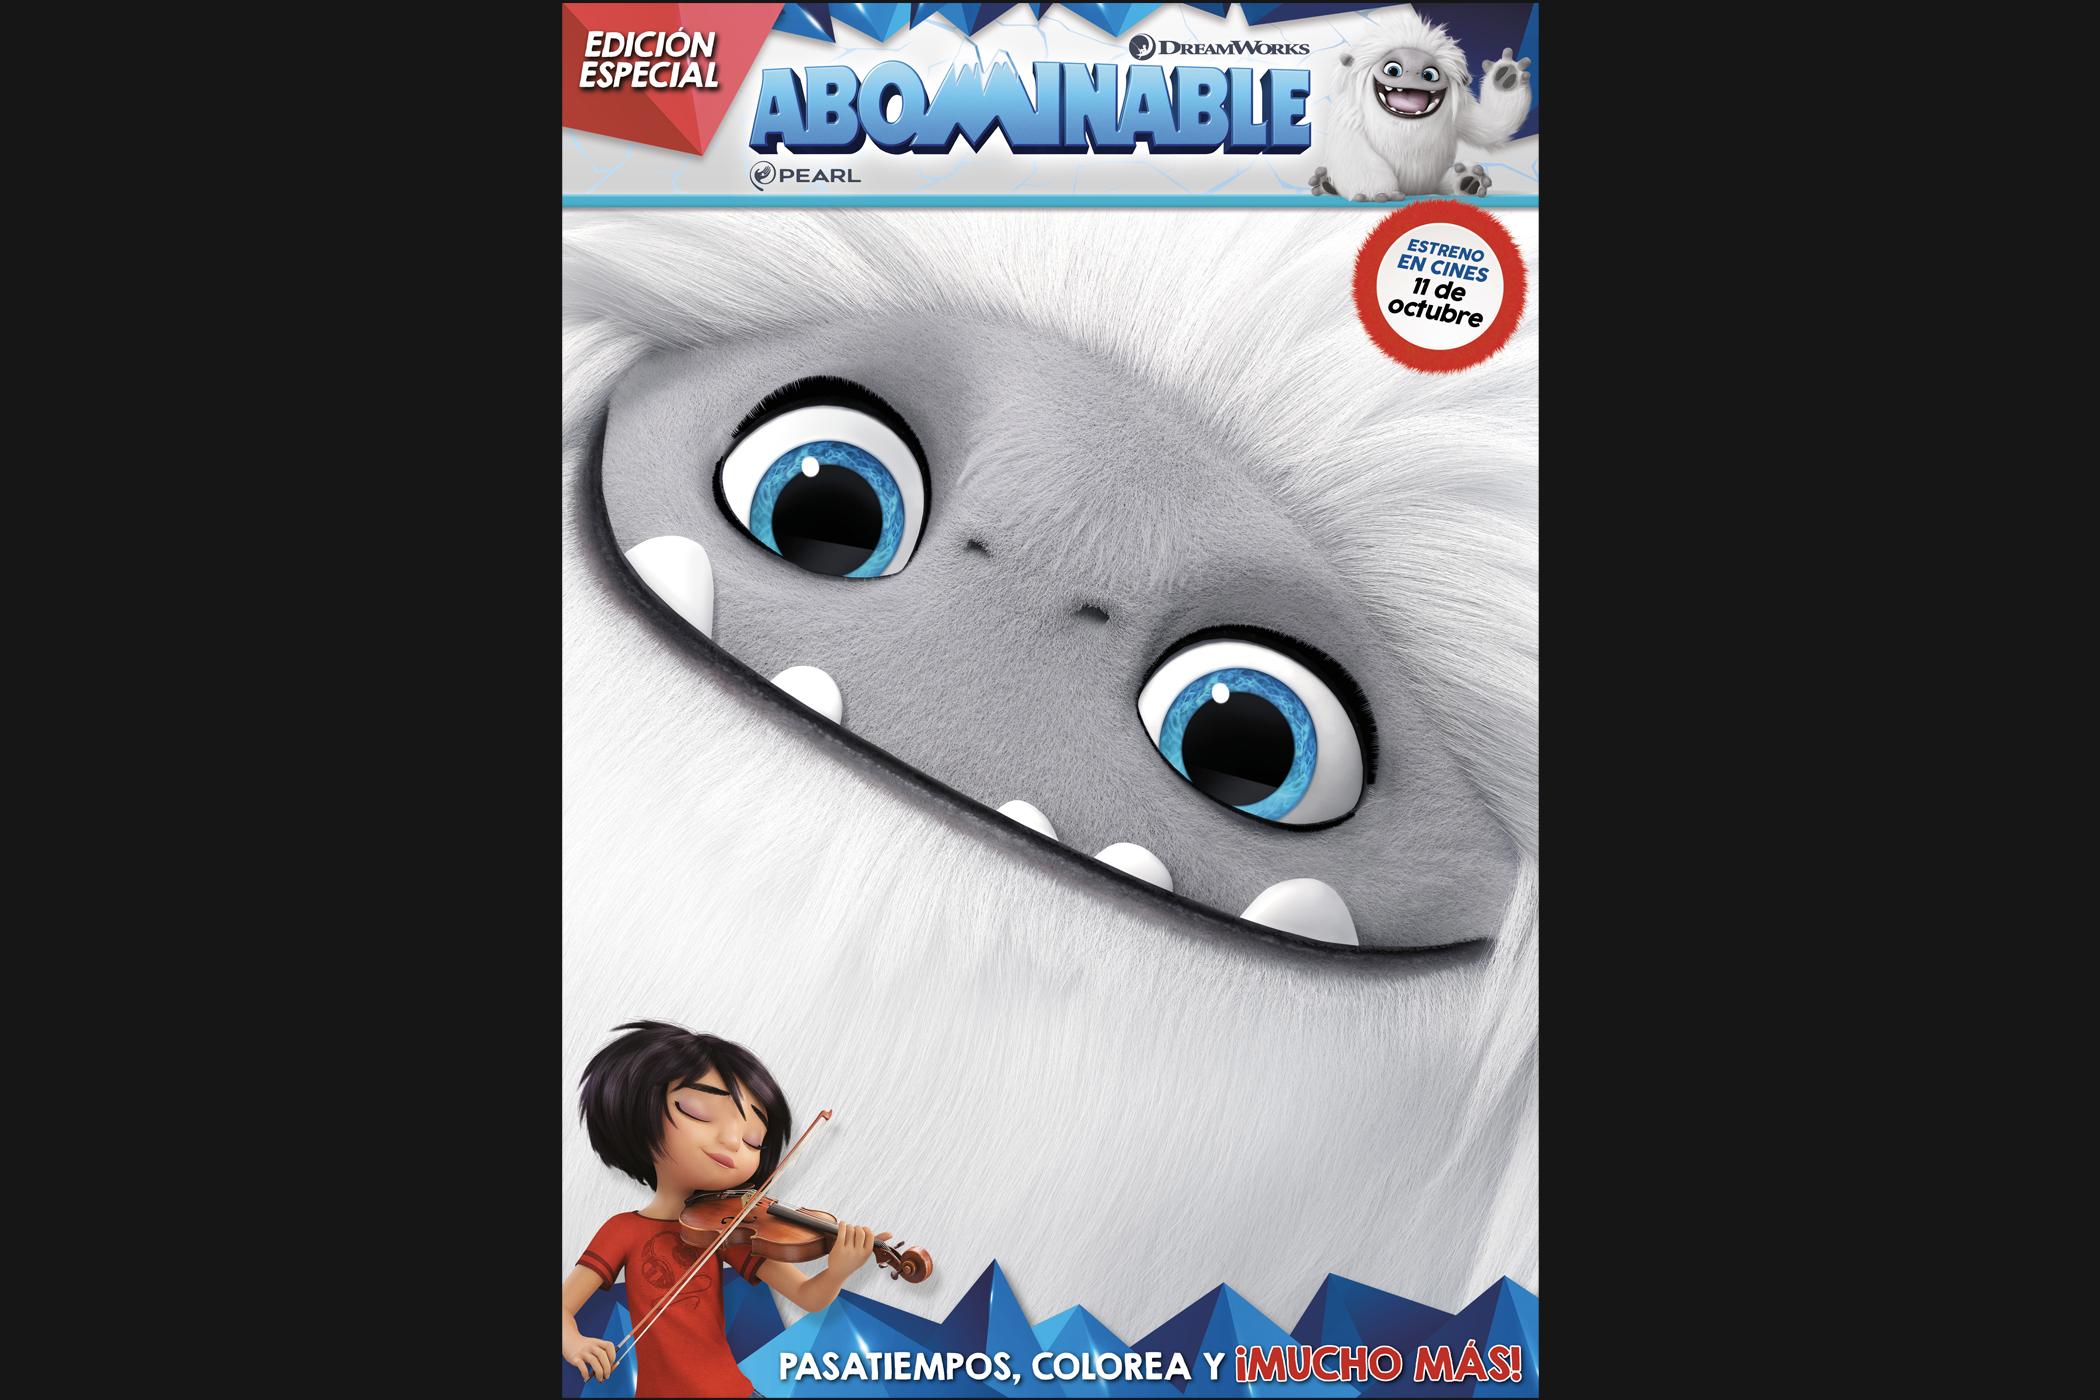 Especial de cine Abominable - Arte Gráfico